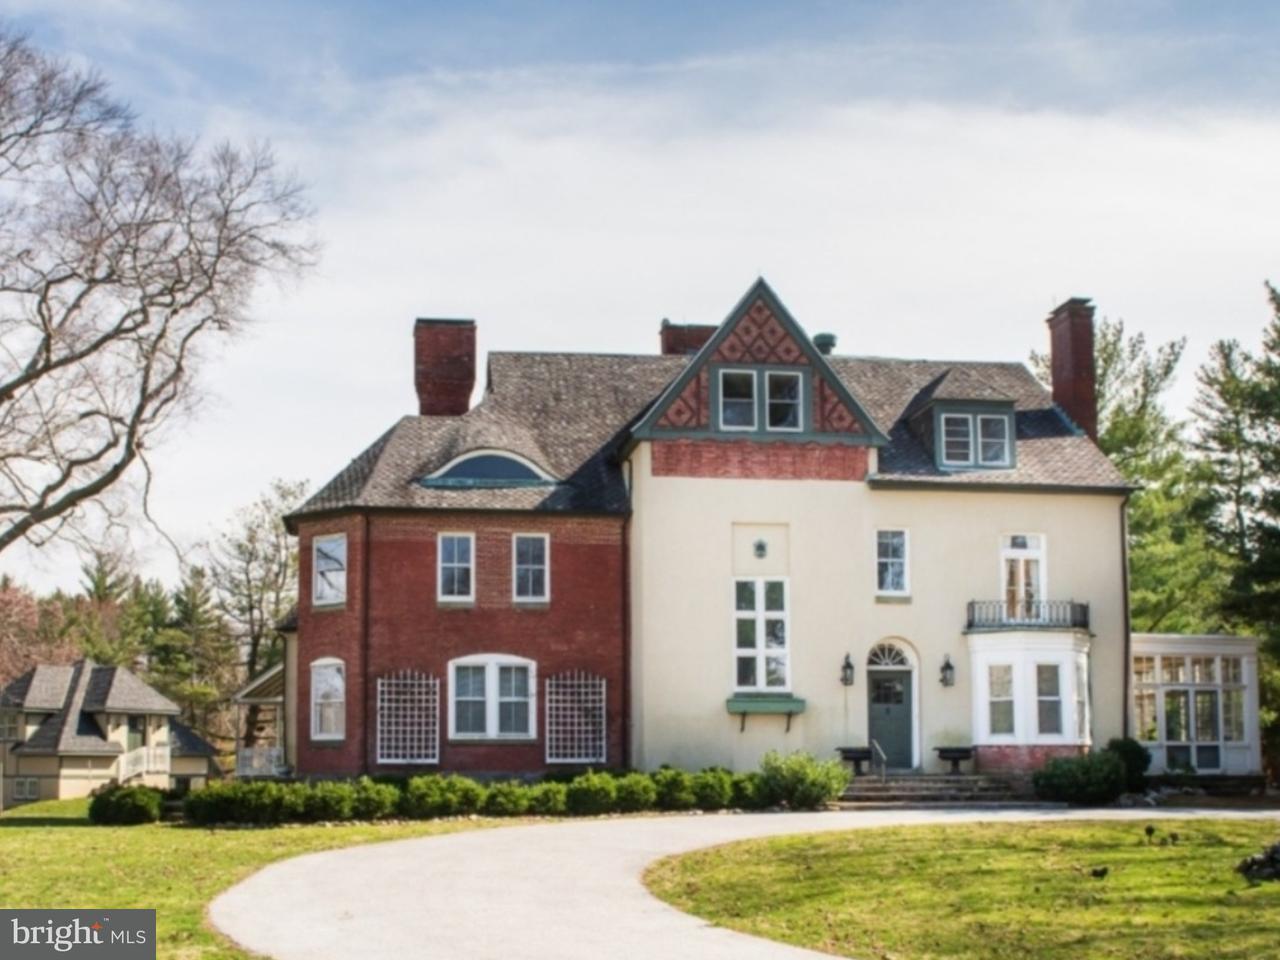 Maison unifamiliale pour l Vente à 111 CHERRY Lane Wynnewood, Pennsylvanie 19096 États-Unis